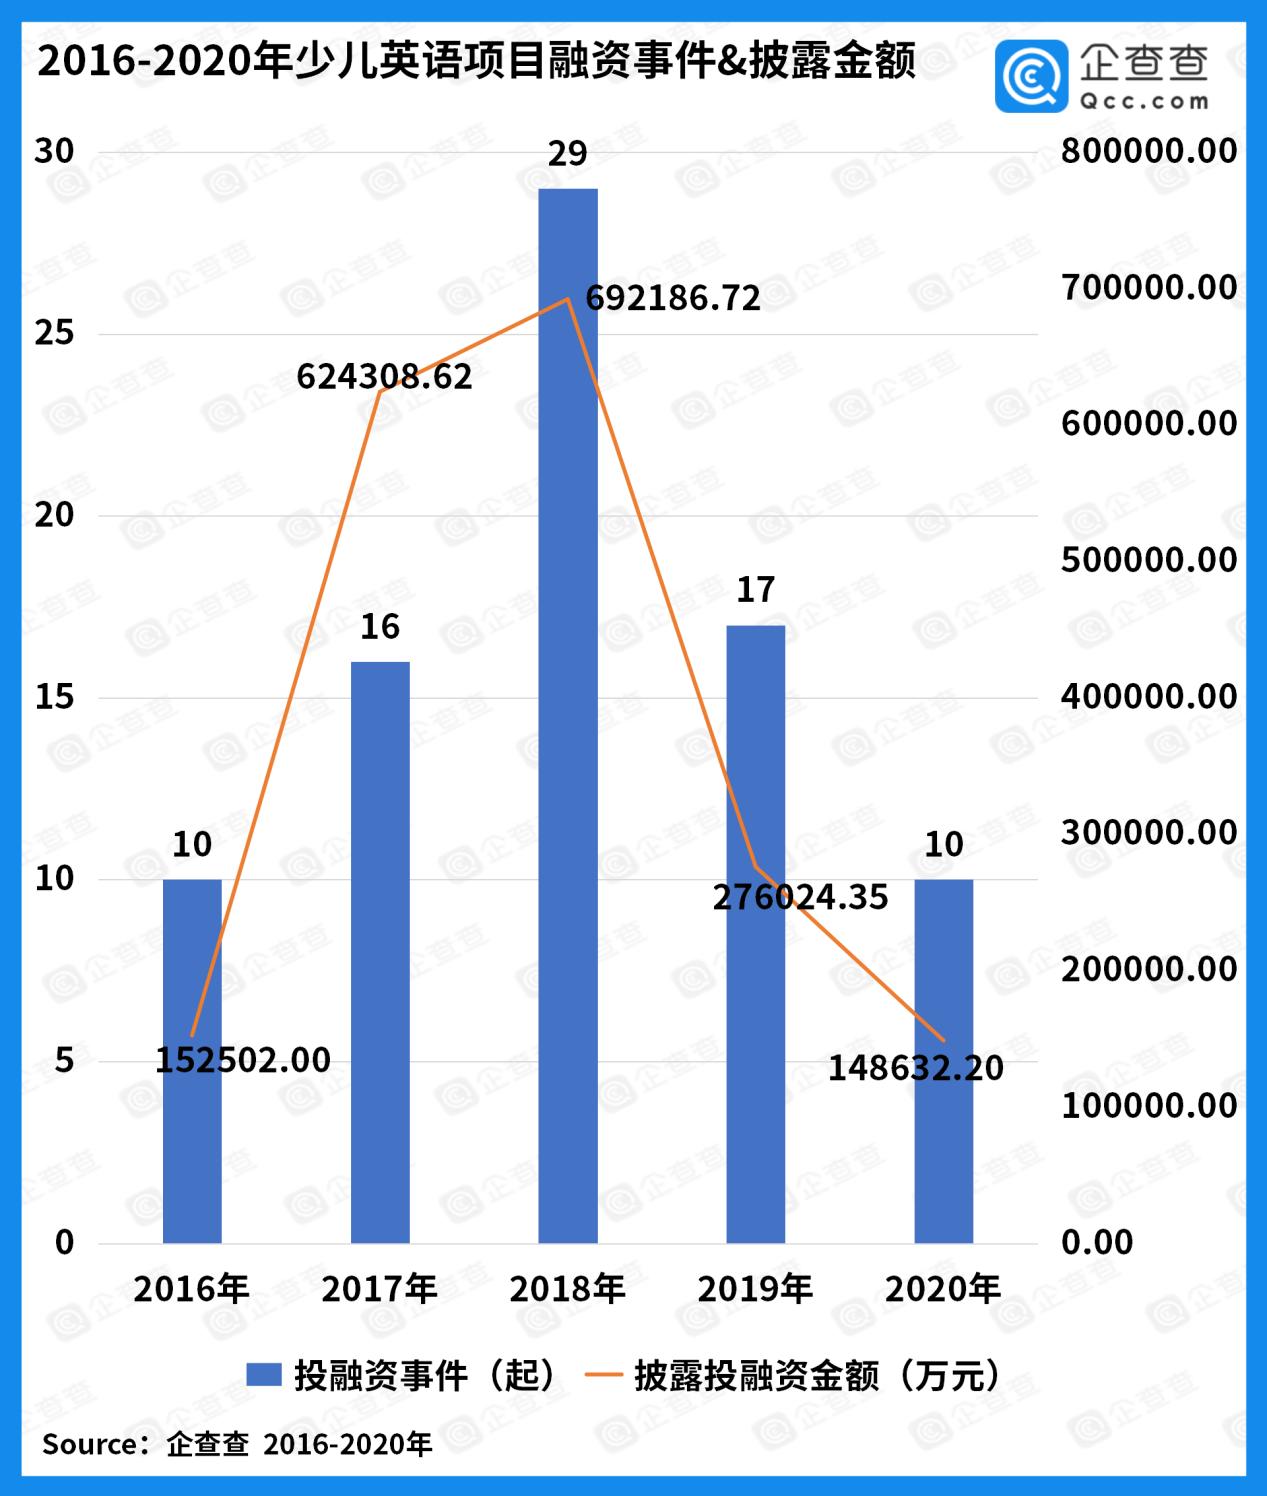 儿童英语迎风嘴!在过去的五年里,中国儿童英语的资助金额已达189亿元